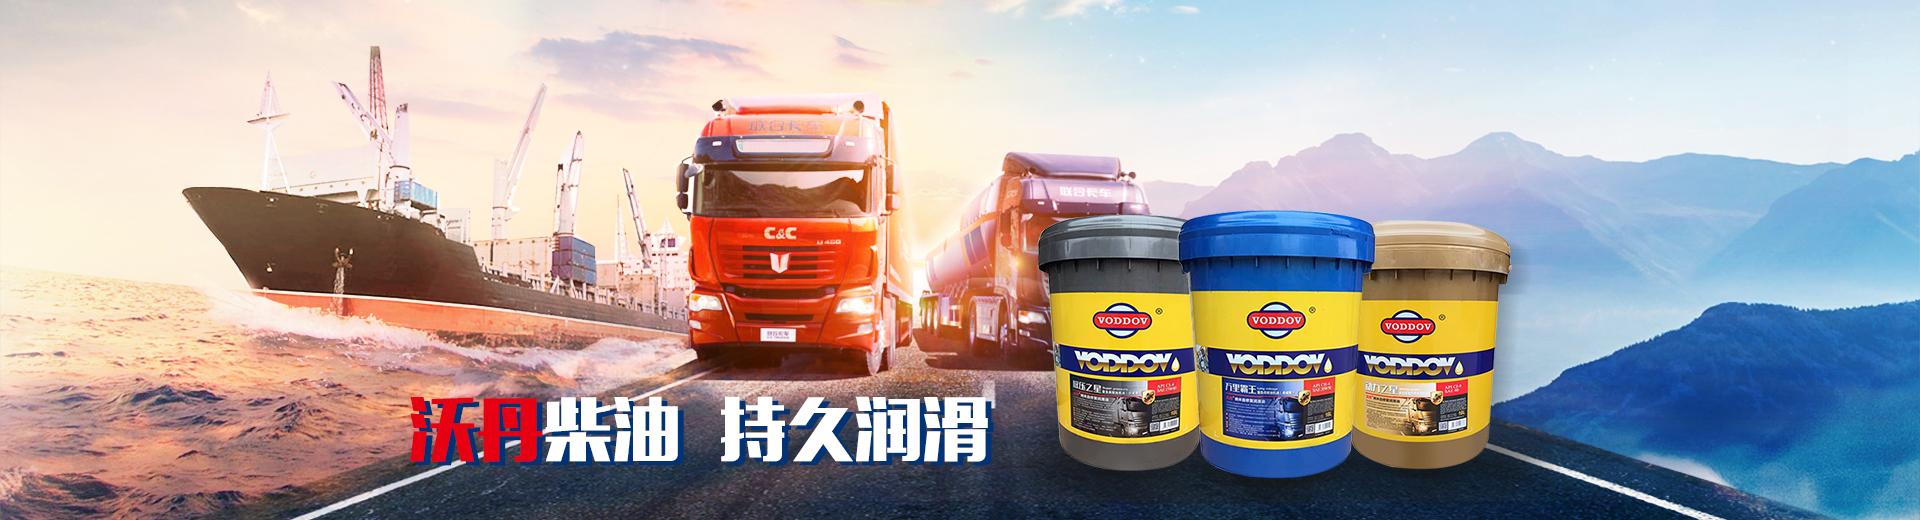 润滑油代理品牌